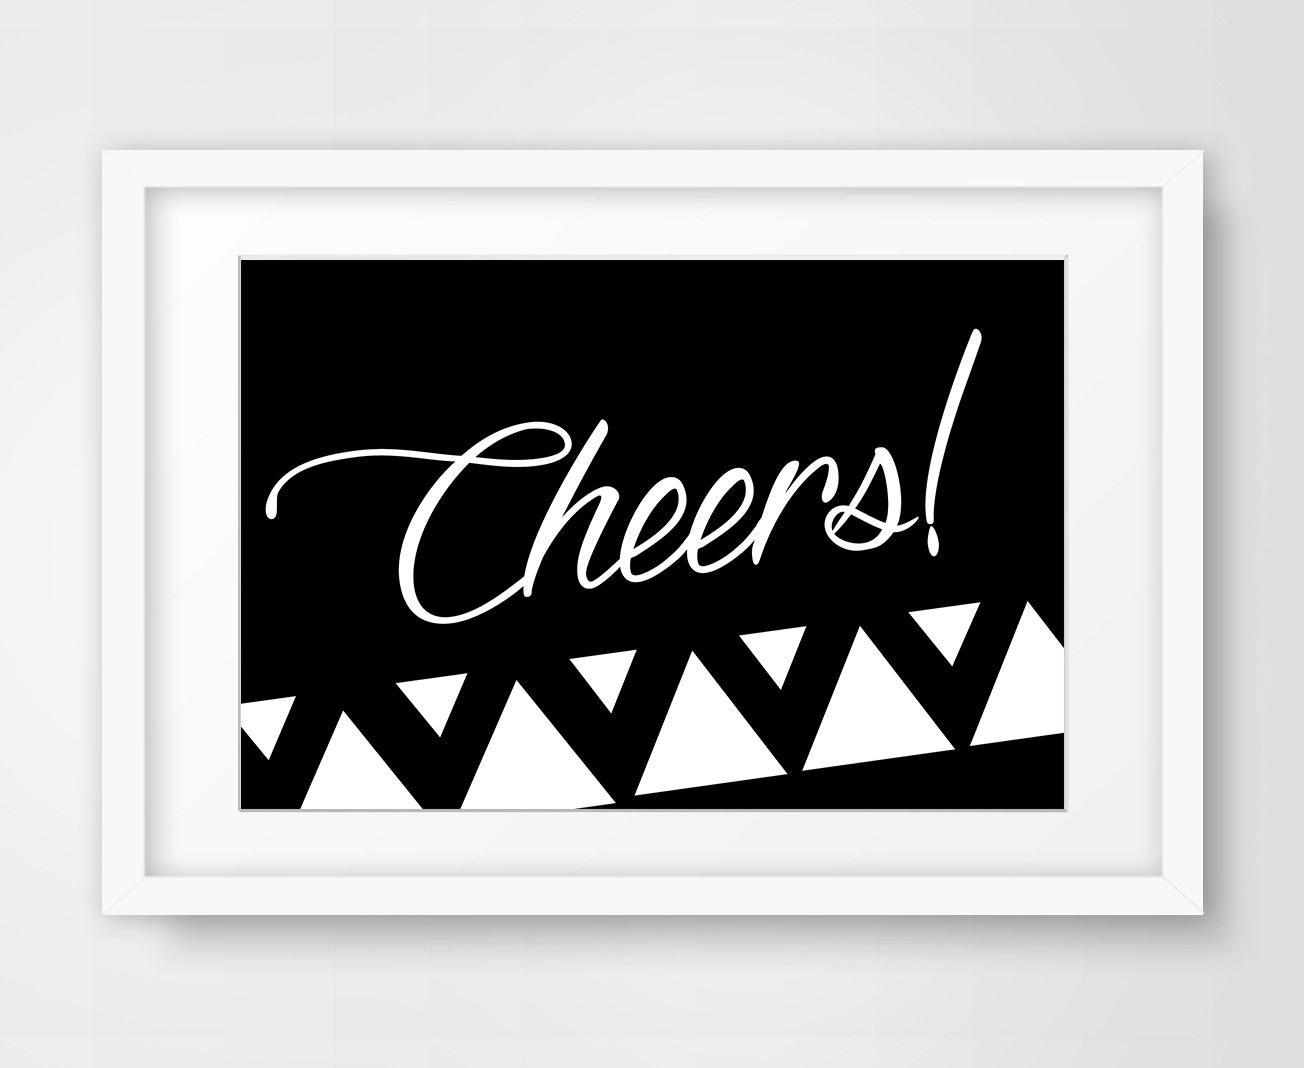 Cheers-etsy2.jpg